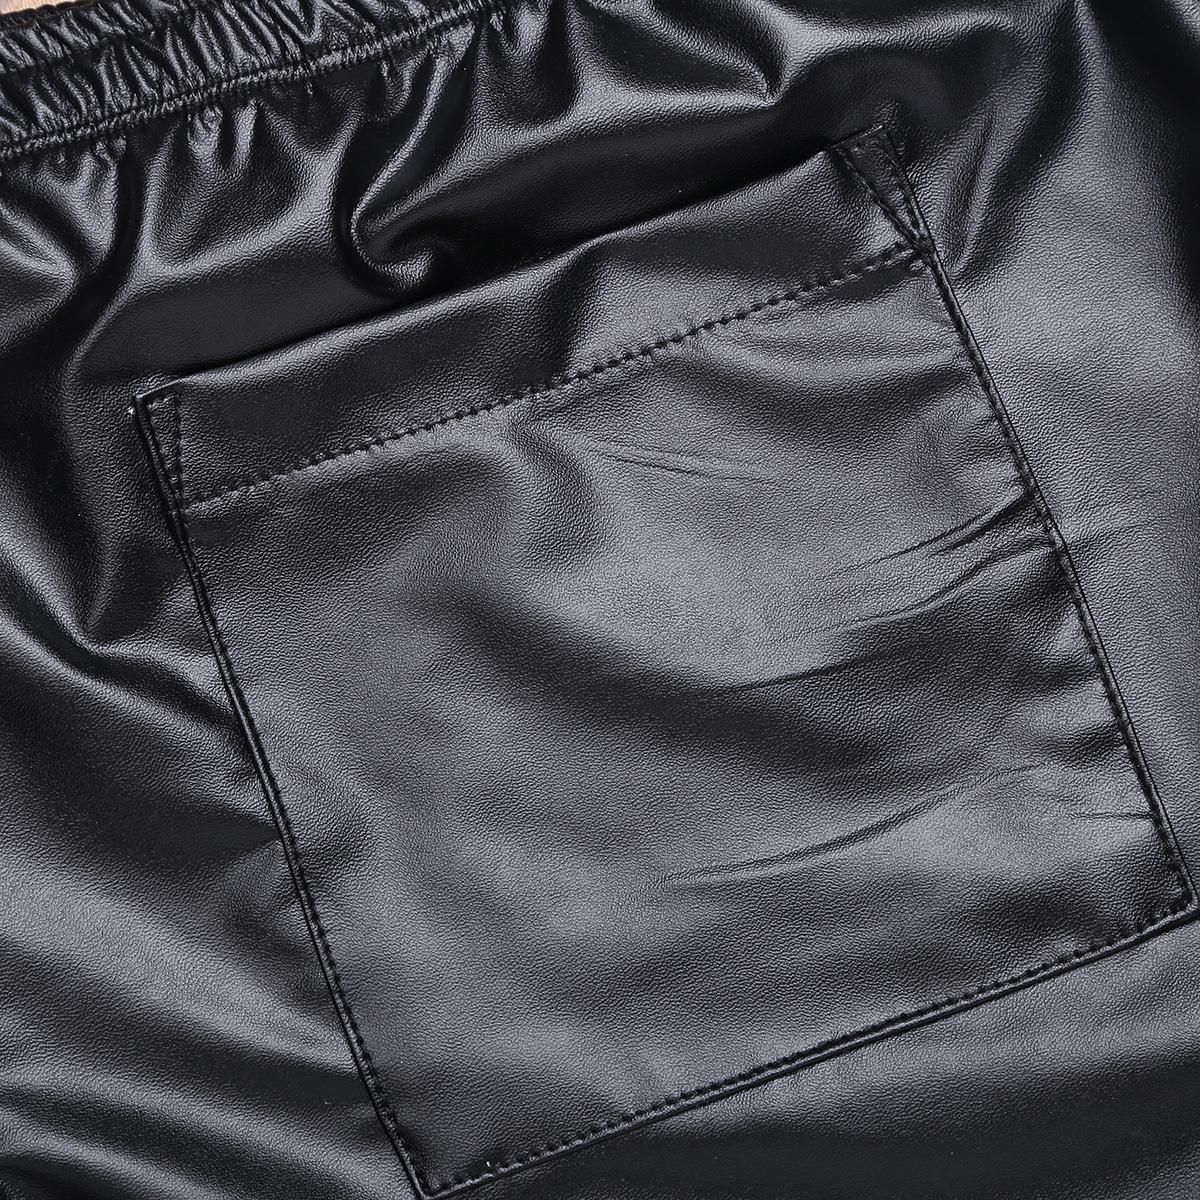 Toptan Boxershorts Erkekler Faux Deri Gevşek Sıcak Boxer Kısa Iç Çamaşırı Pantolon ile Bir Geri Pocket için Mens Iç Çamaşırı Külot